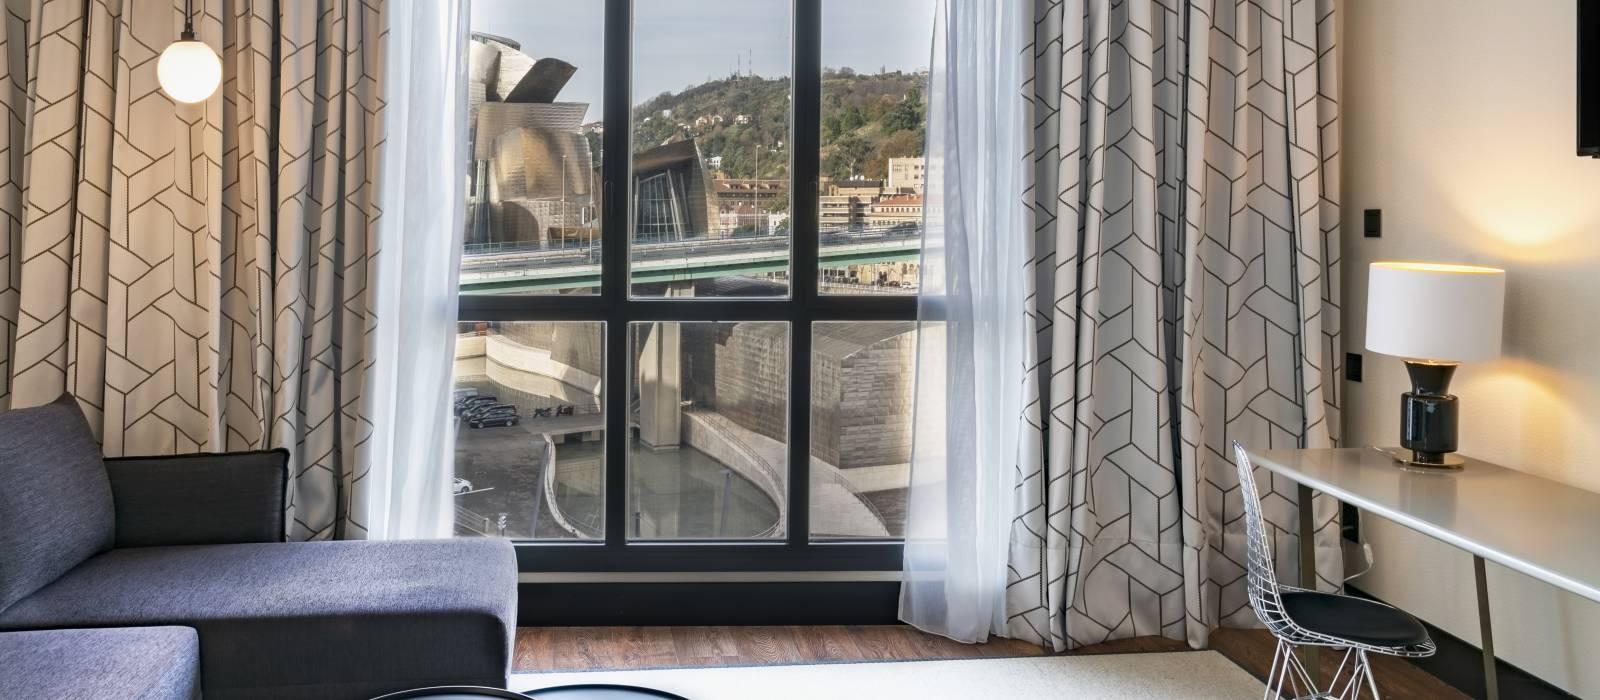 Vincci bilbao - Junior suite mit blick auf das Guggenheim-museum